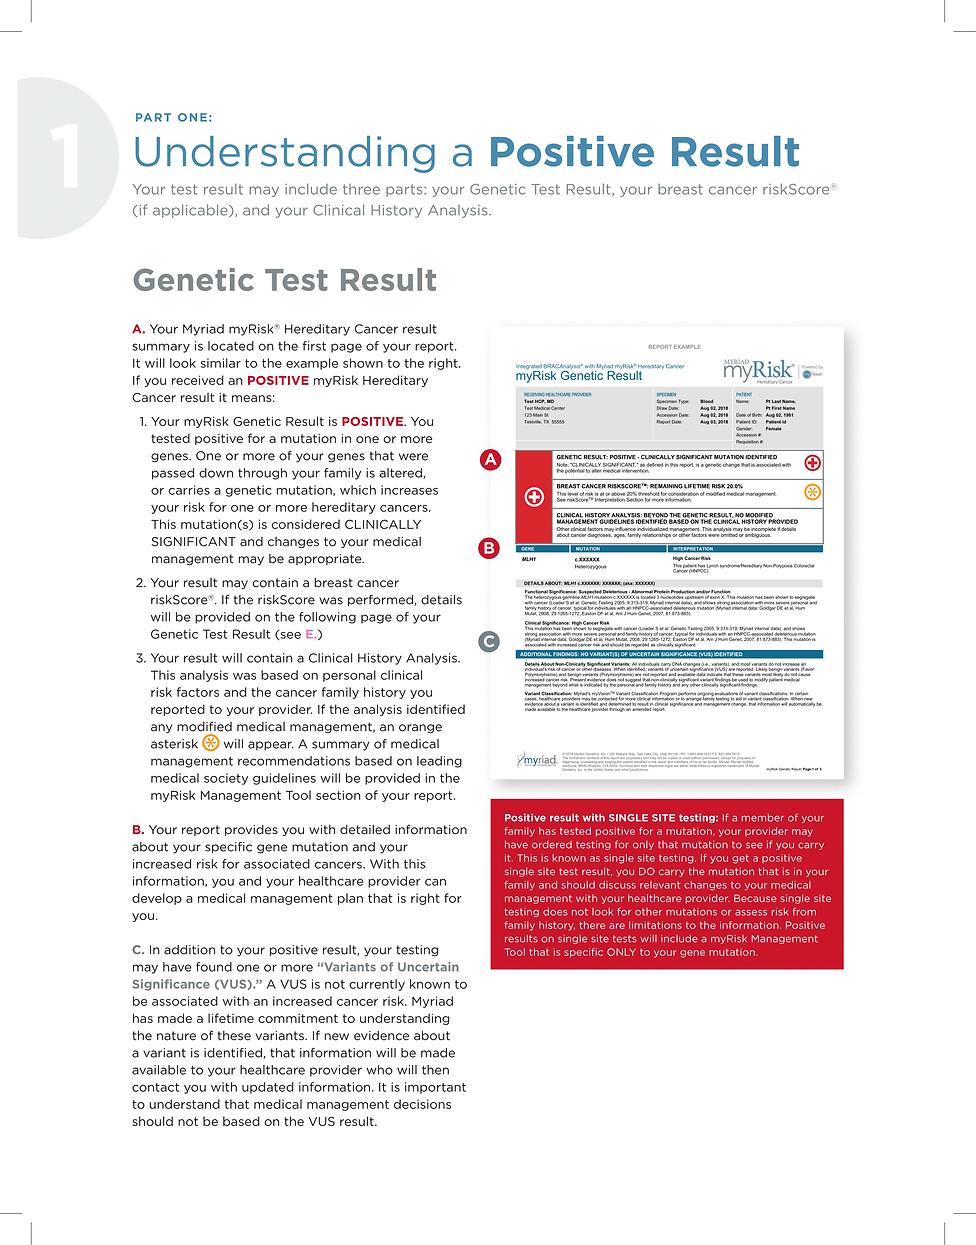 myRisk Positive Result-2.png